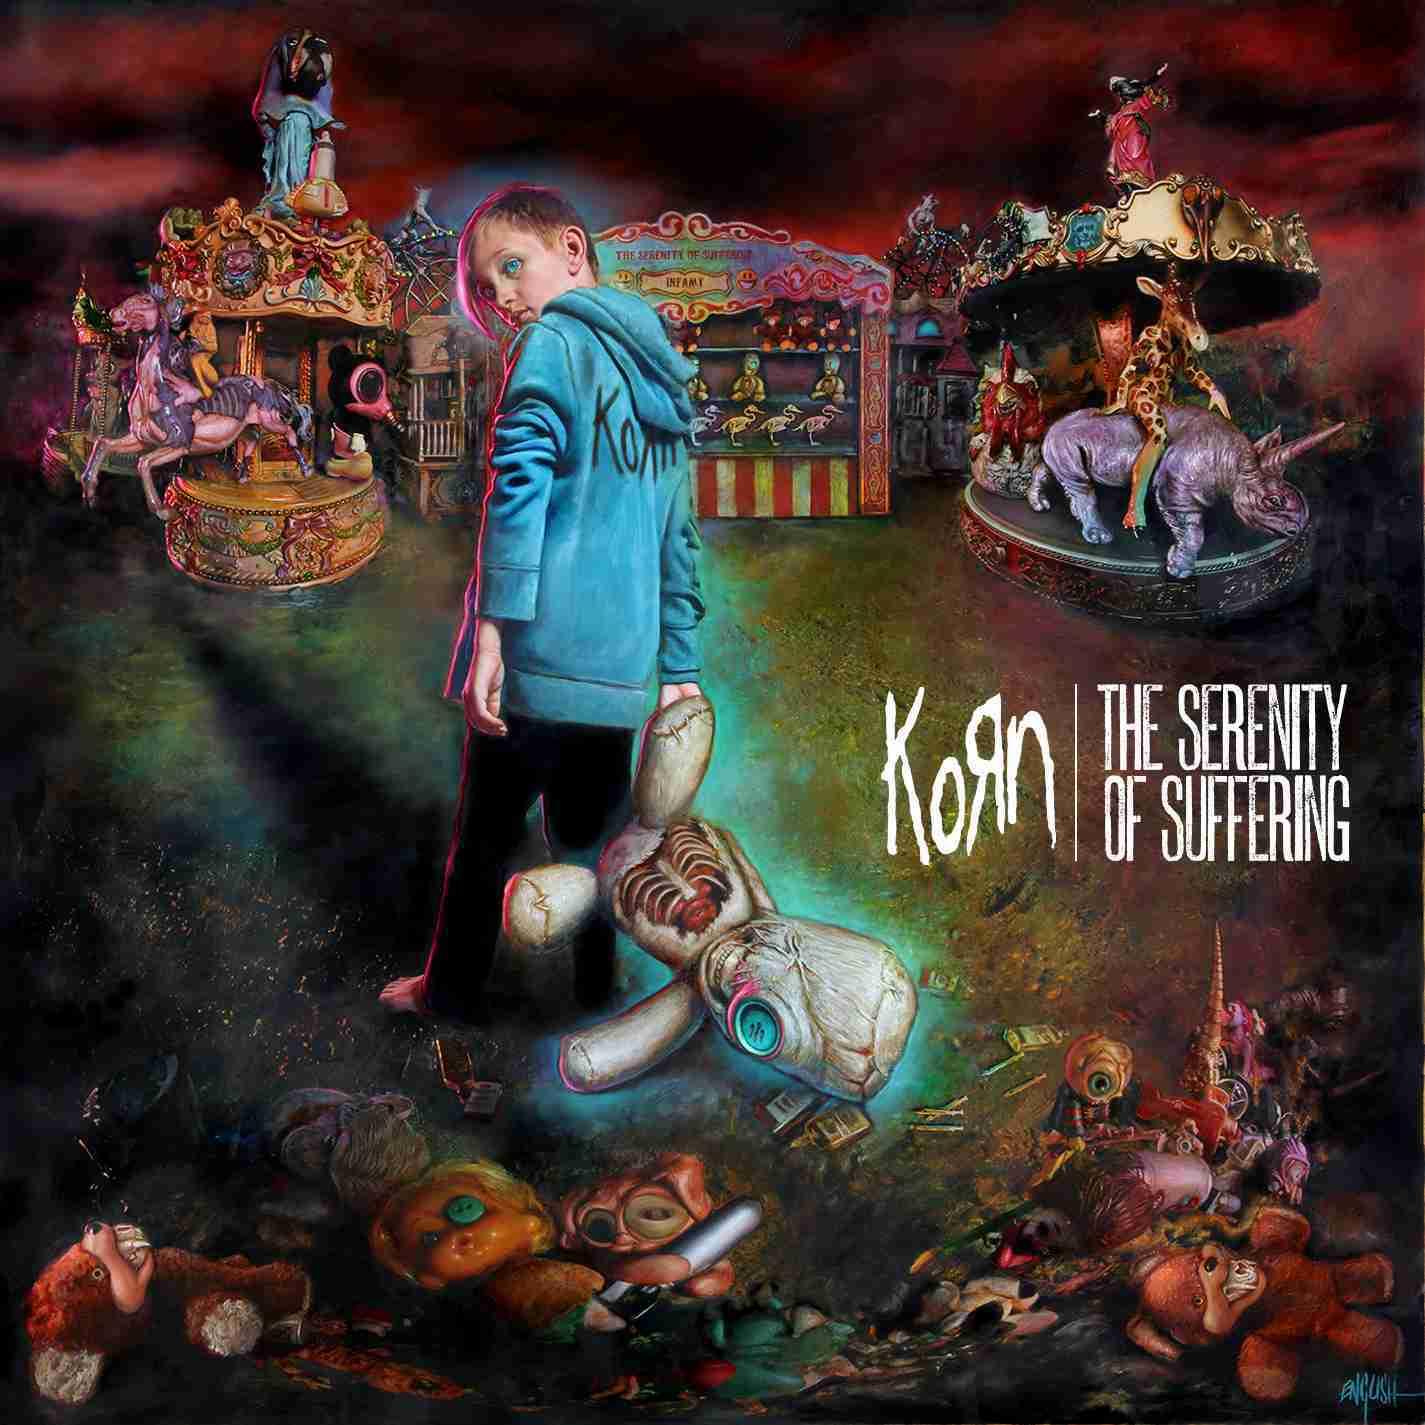 Korn - Serenity In Suffering (Deluxe)